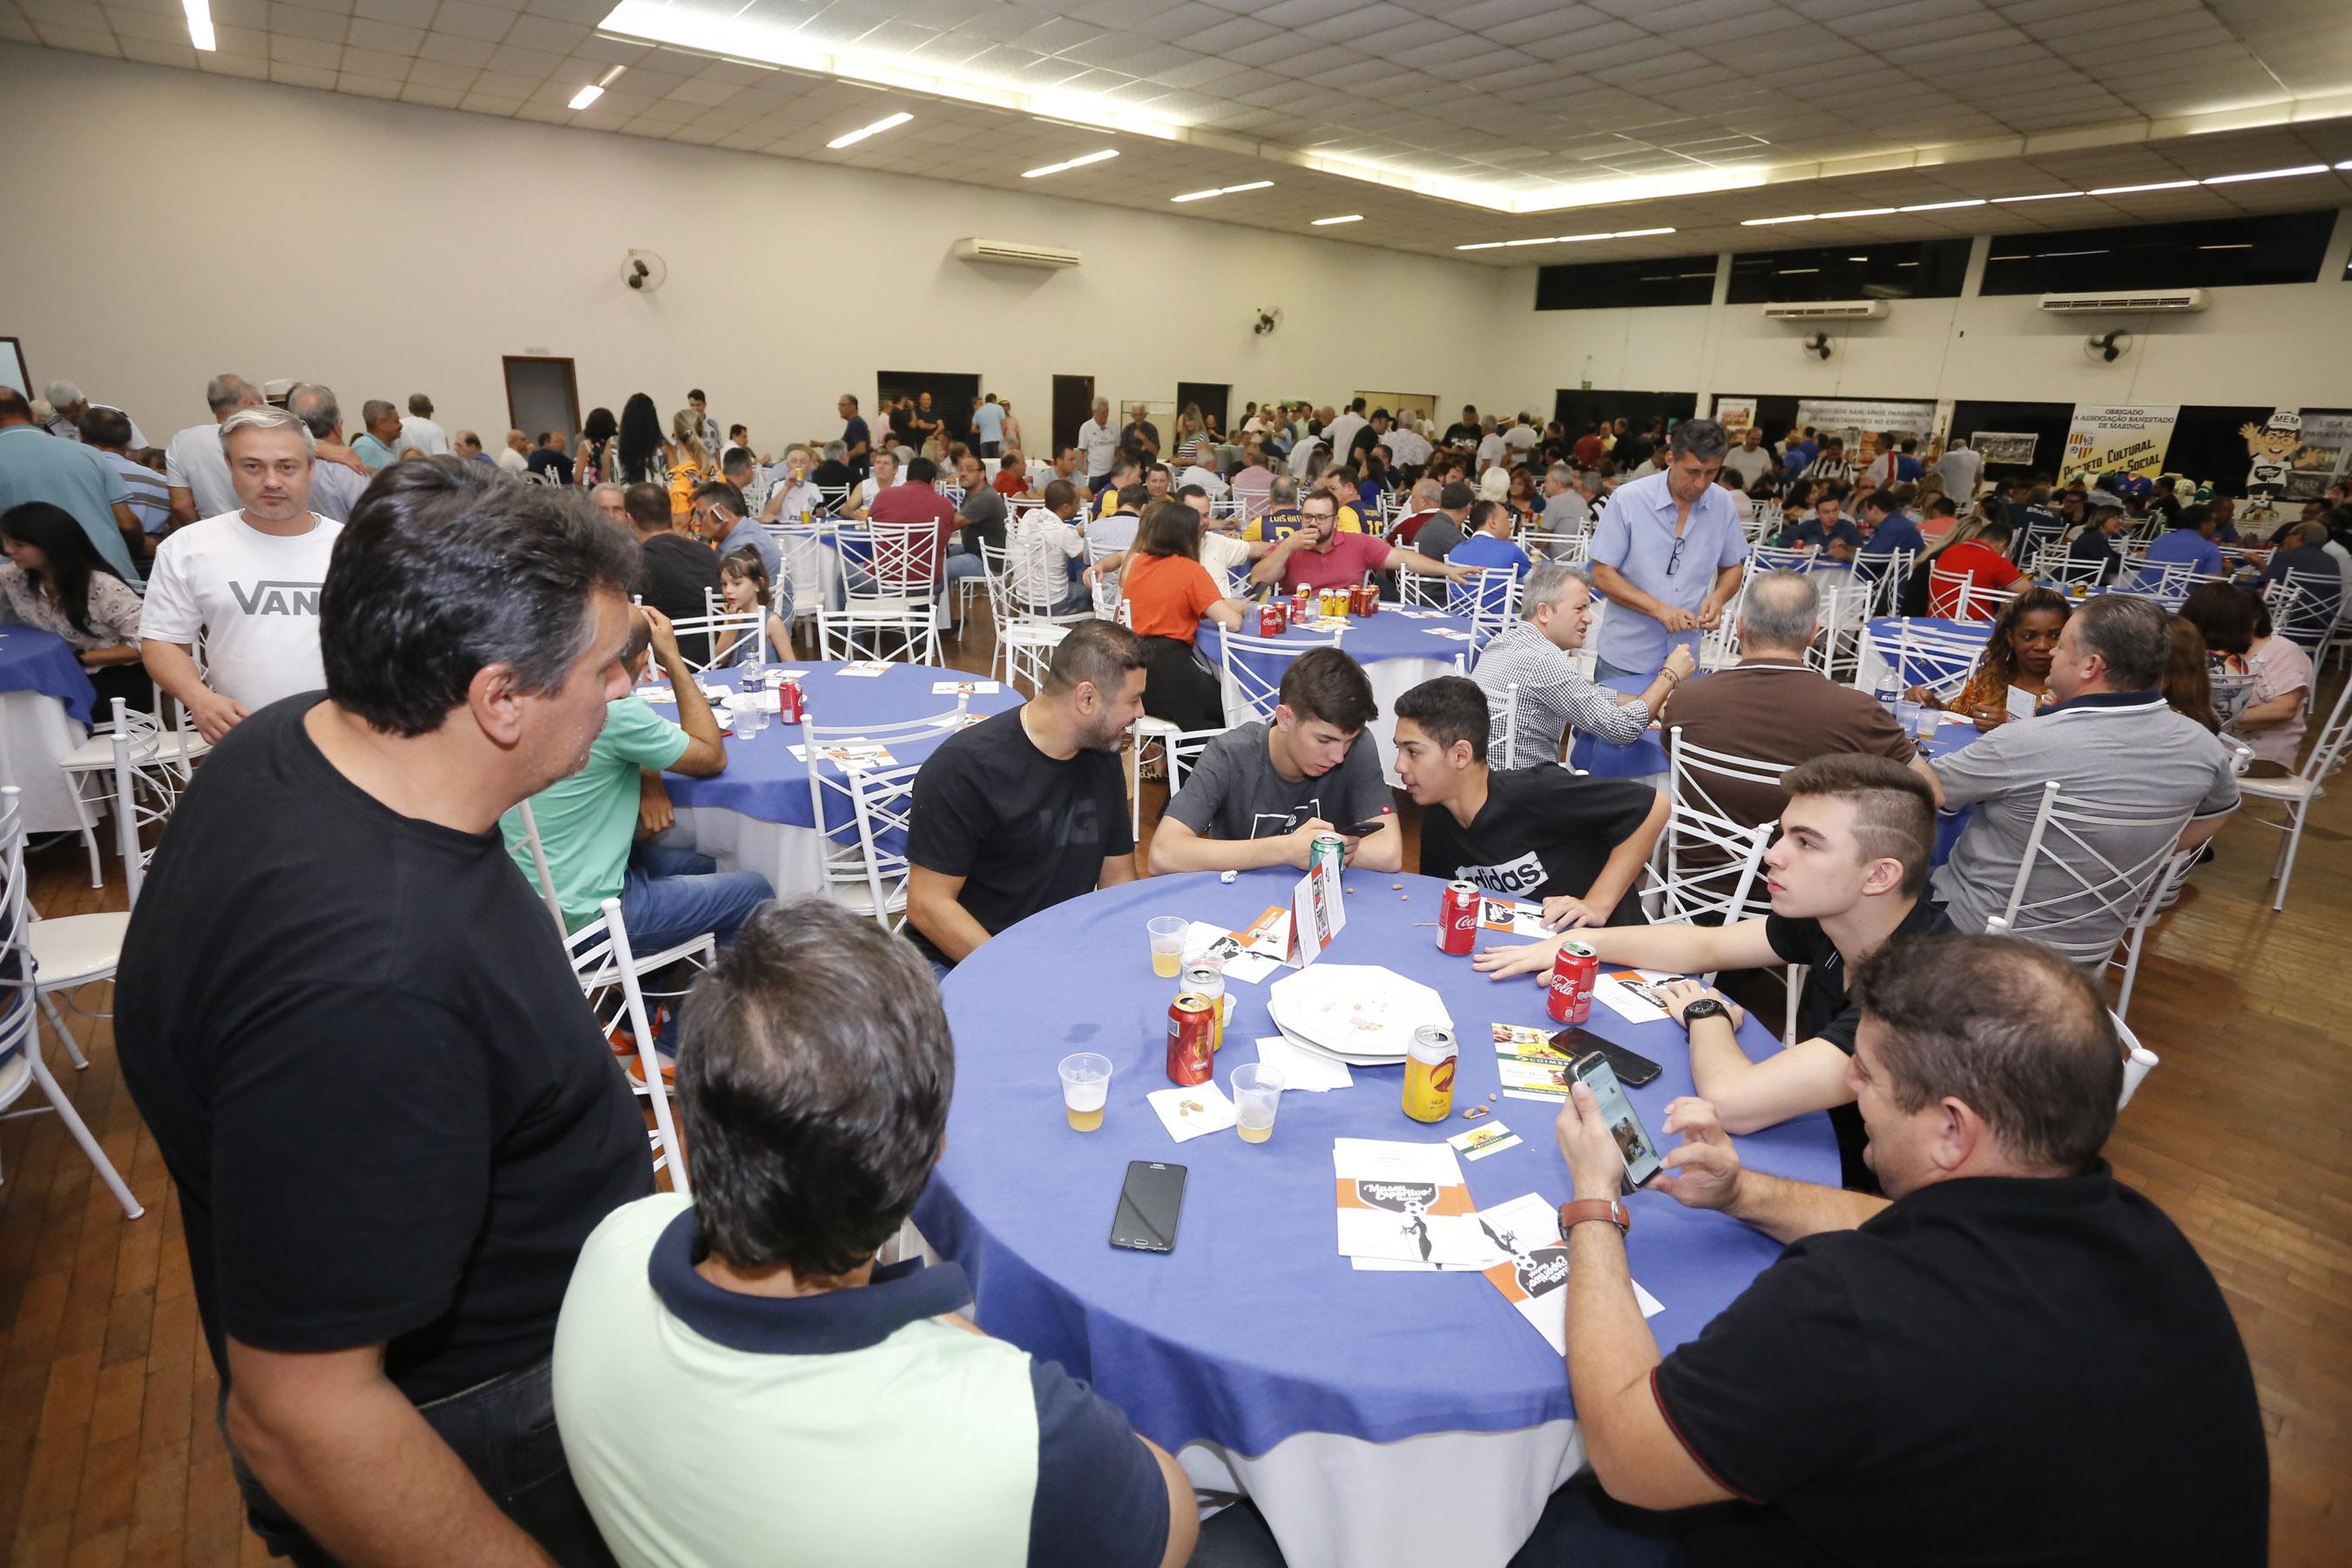 Associação Banestado teve público de 400 pessoas na festa do MEM e da LFSM